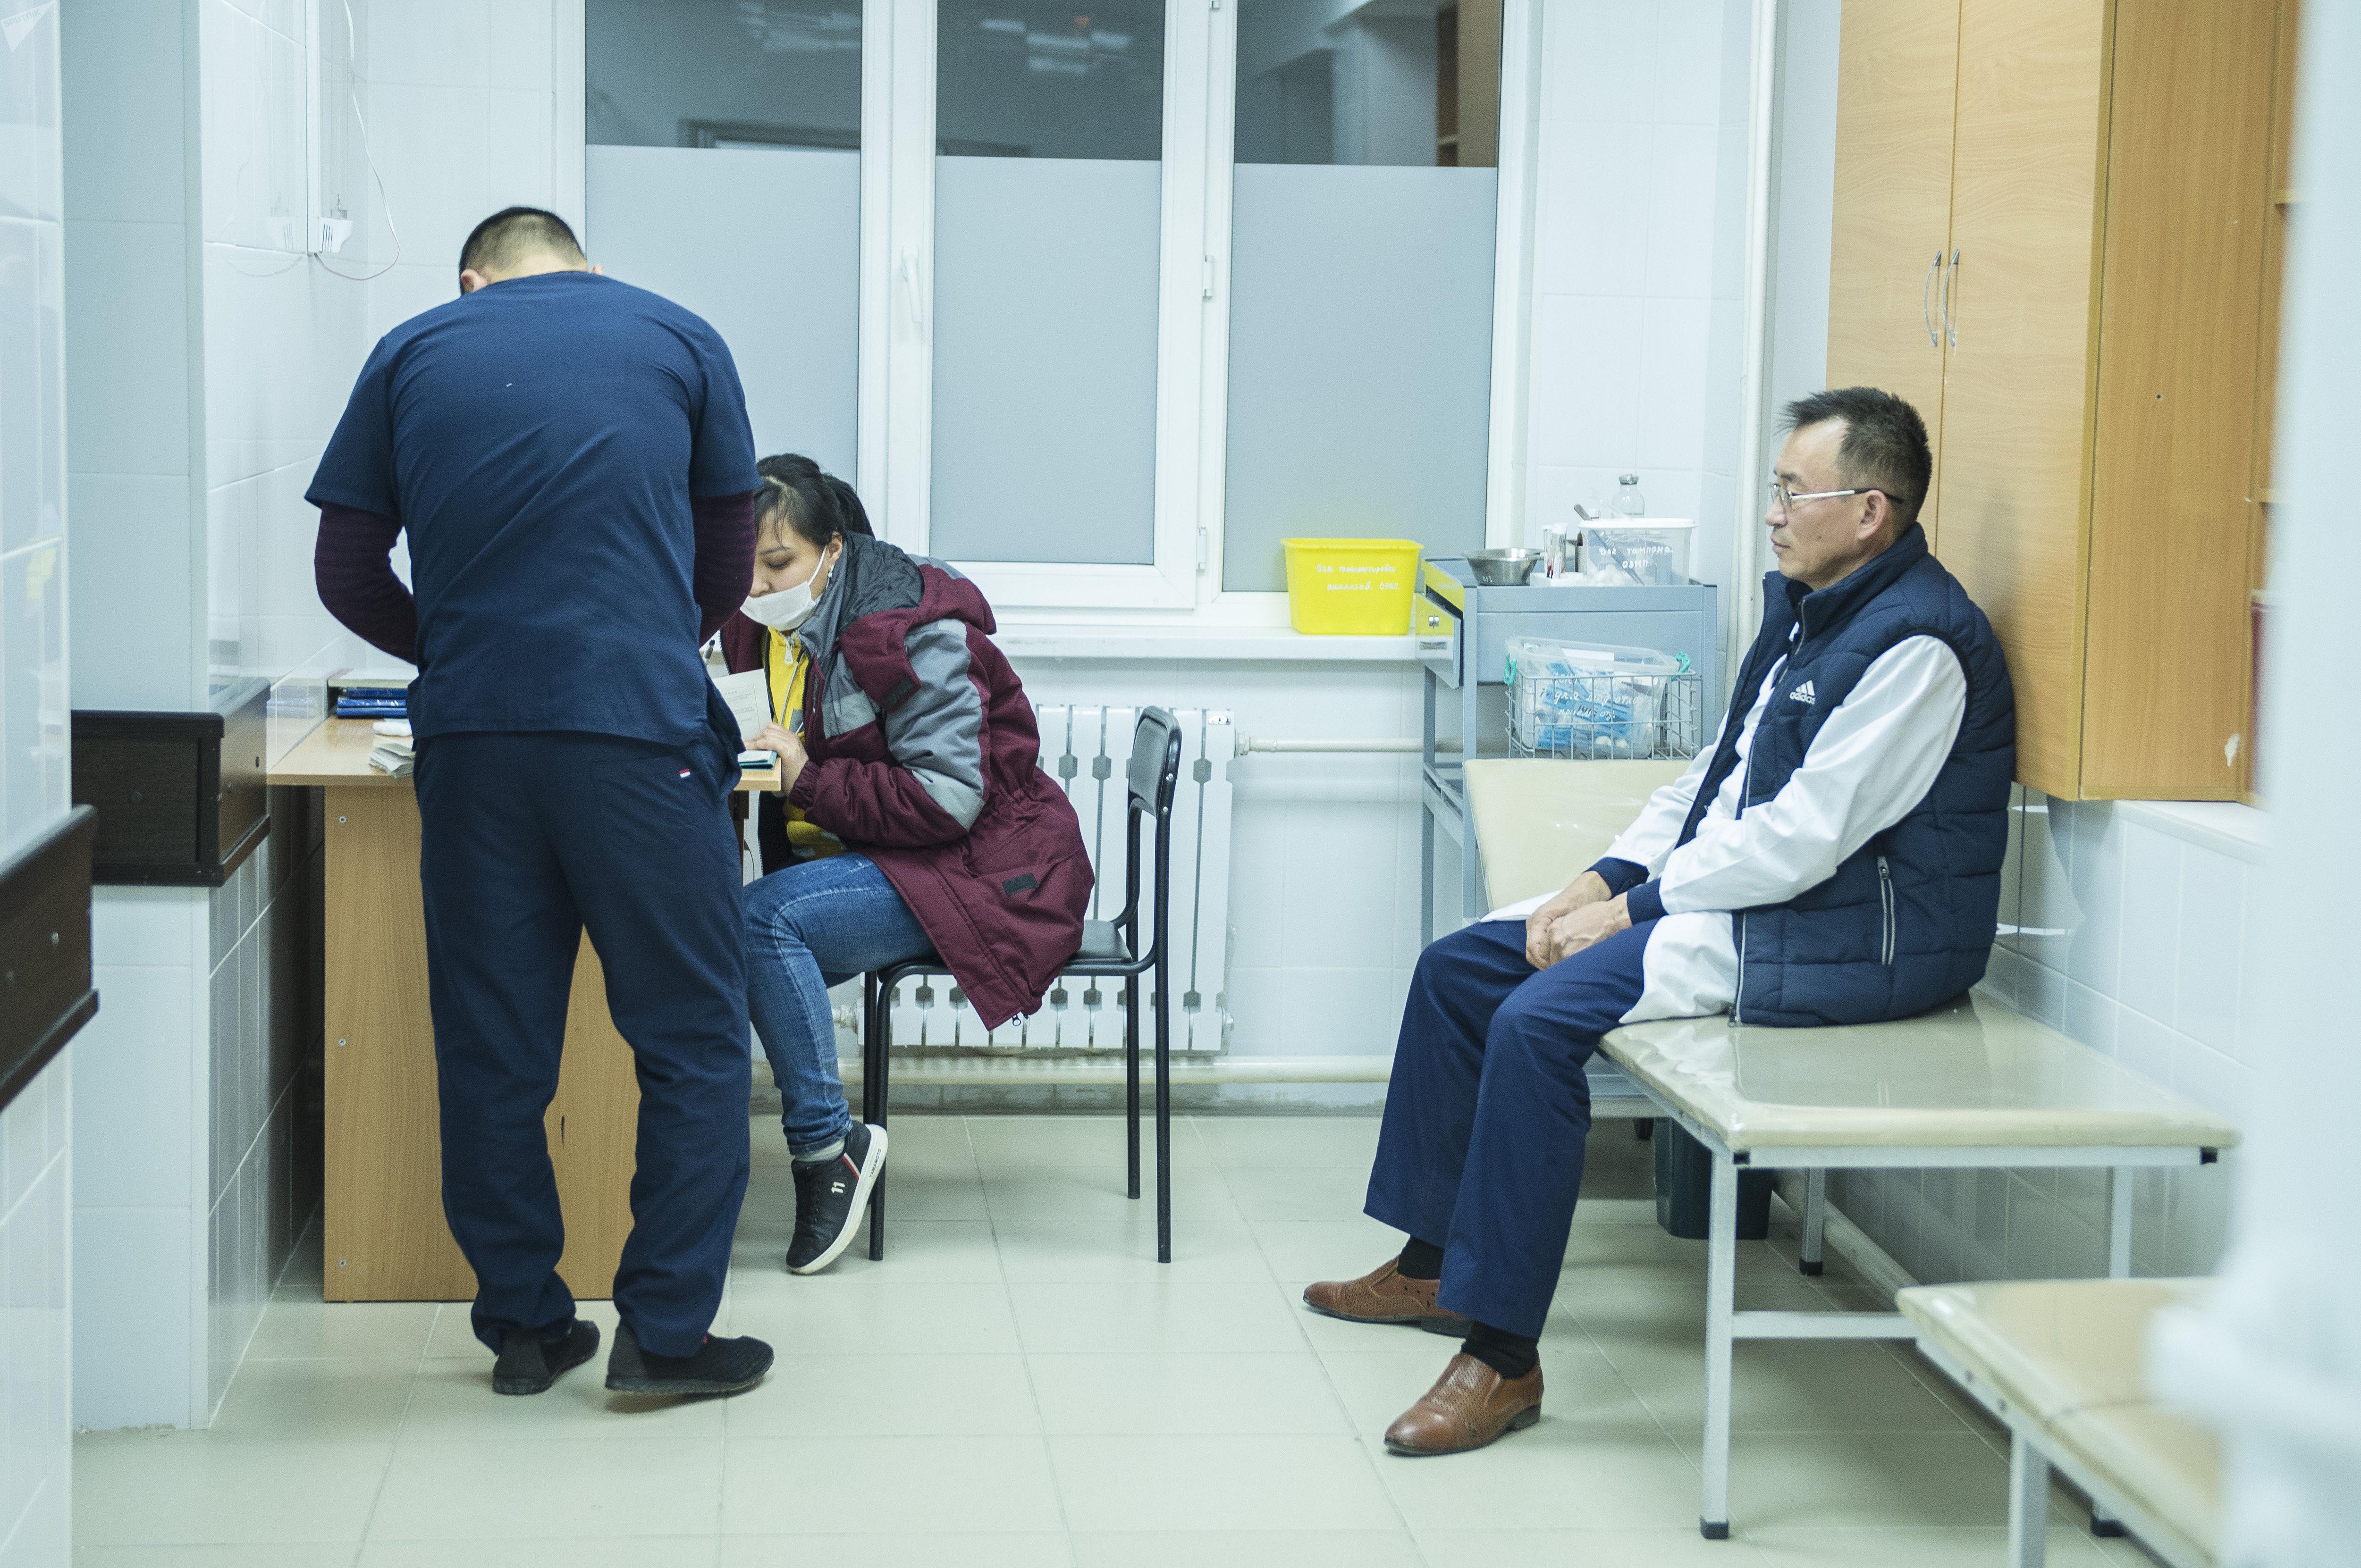 Врачи Бишкекского научно-исследовательского центра травматологии и ортопедии